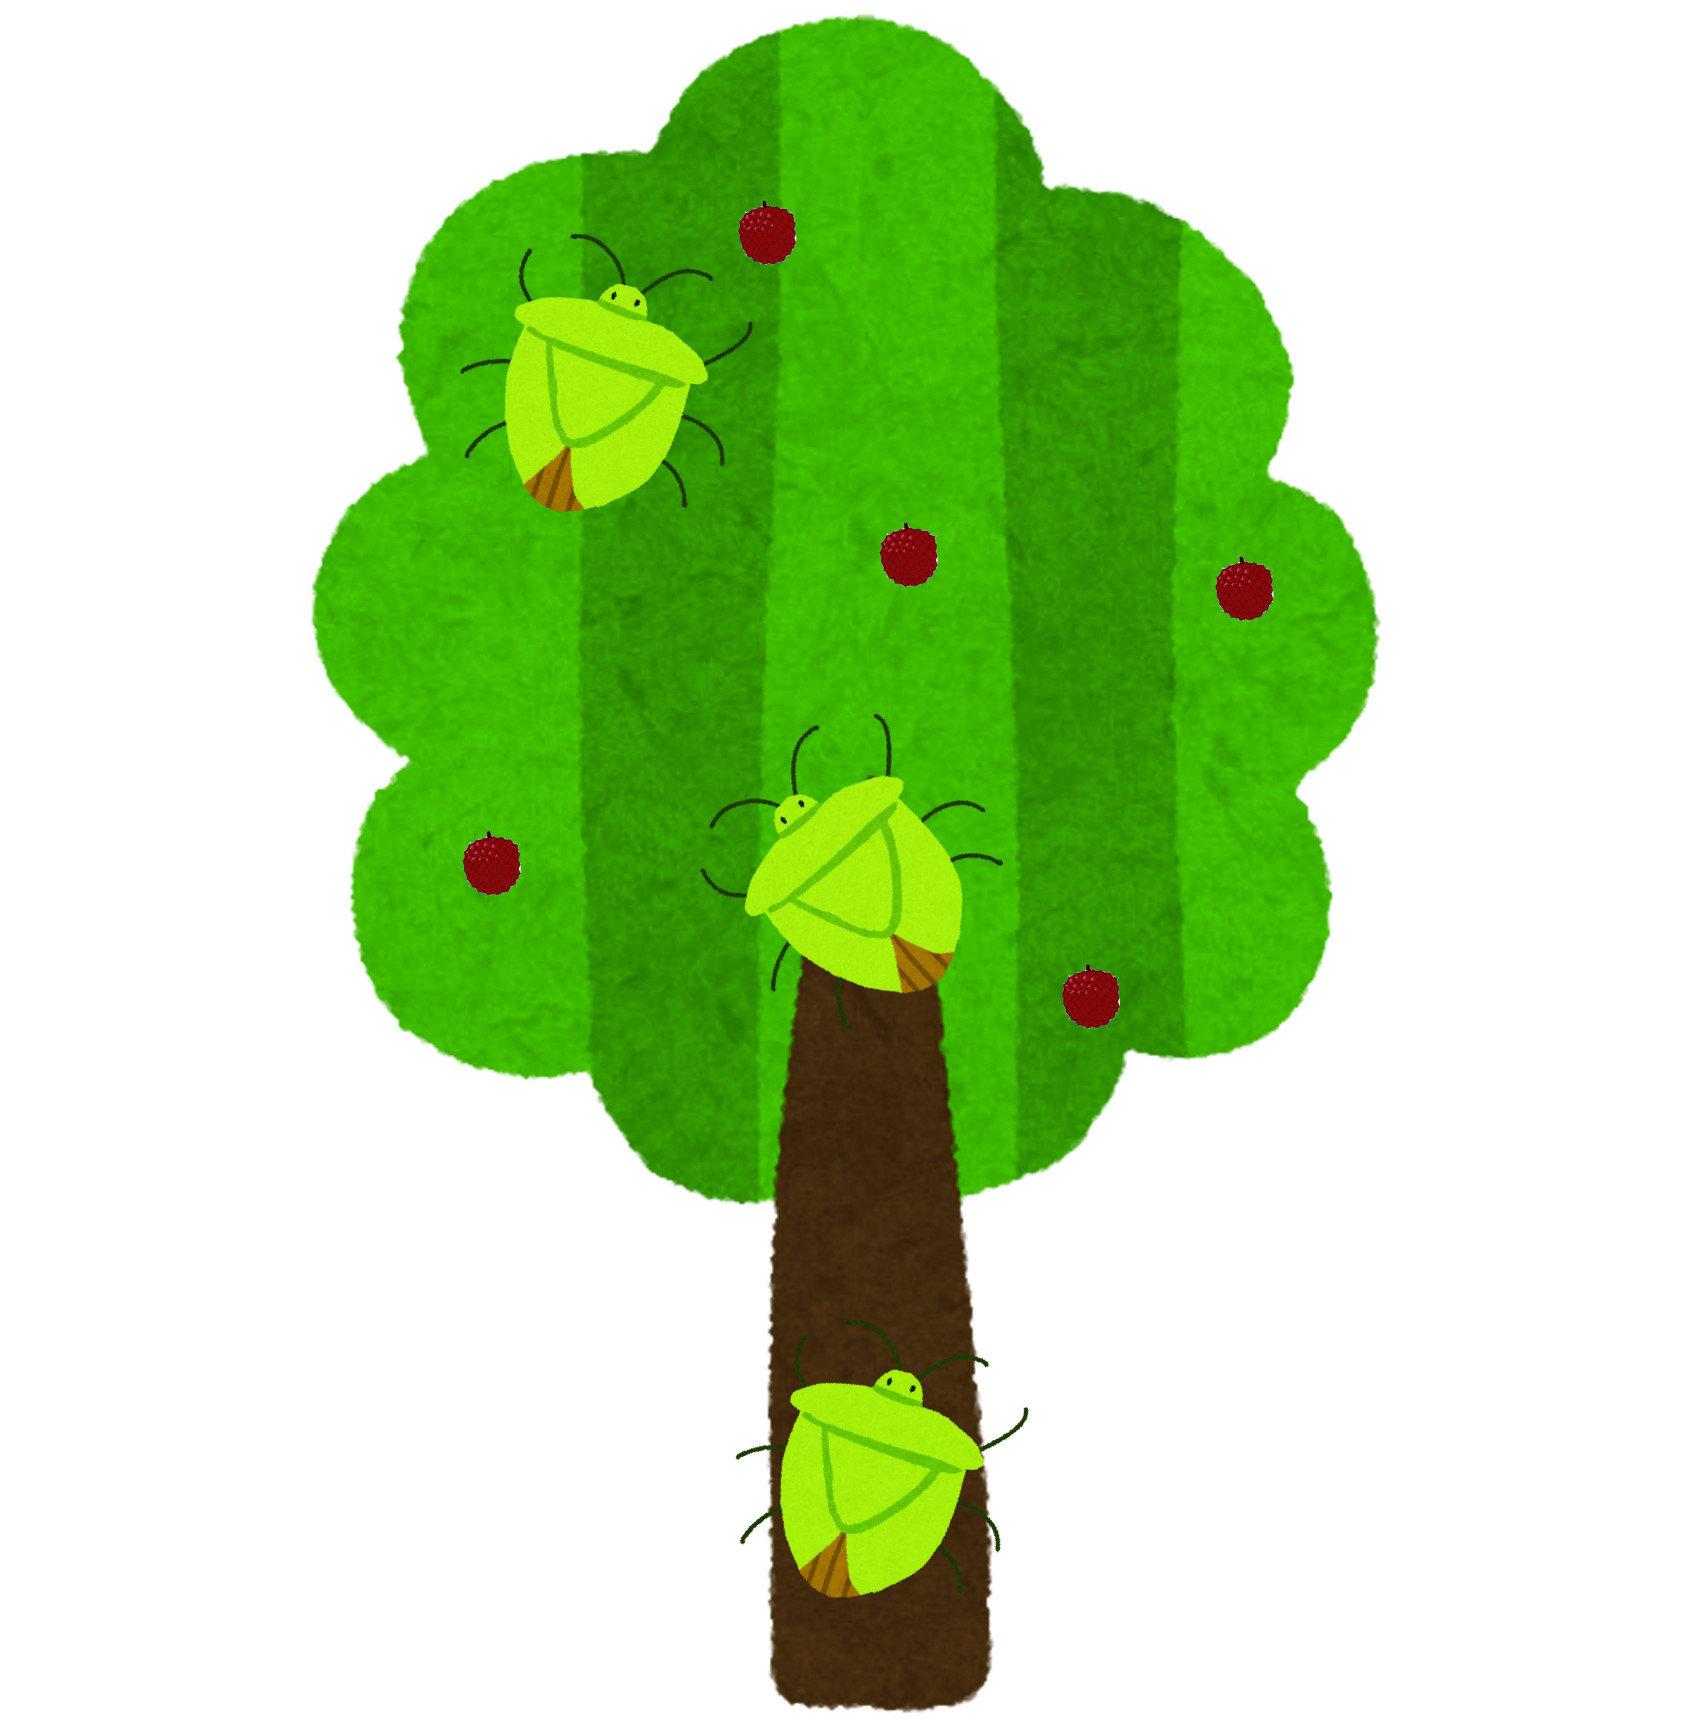 荔枝椿象,又稱作「臭屁蟲」、「荔椿」源自於南亞與東南亞,成蟲身體呈橘色或黃色的菱形,幼蟲時期呈橘色且帶有灰色外框,並不難辨認。牠們多出現在荔枝、龍眼樹上,都市中則以台灣欒樹與其他果樹上最為常見,牠們以吸食植物汁液為食,時常造成植物生長不良的狀況,蟲害嚴重時甚至能夠使植物整株枯死。